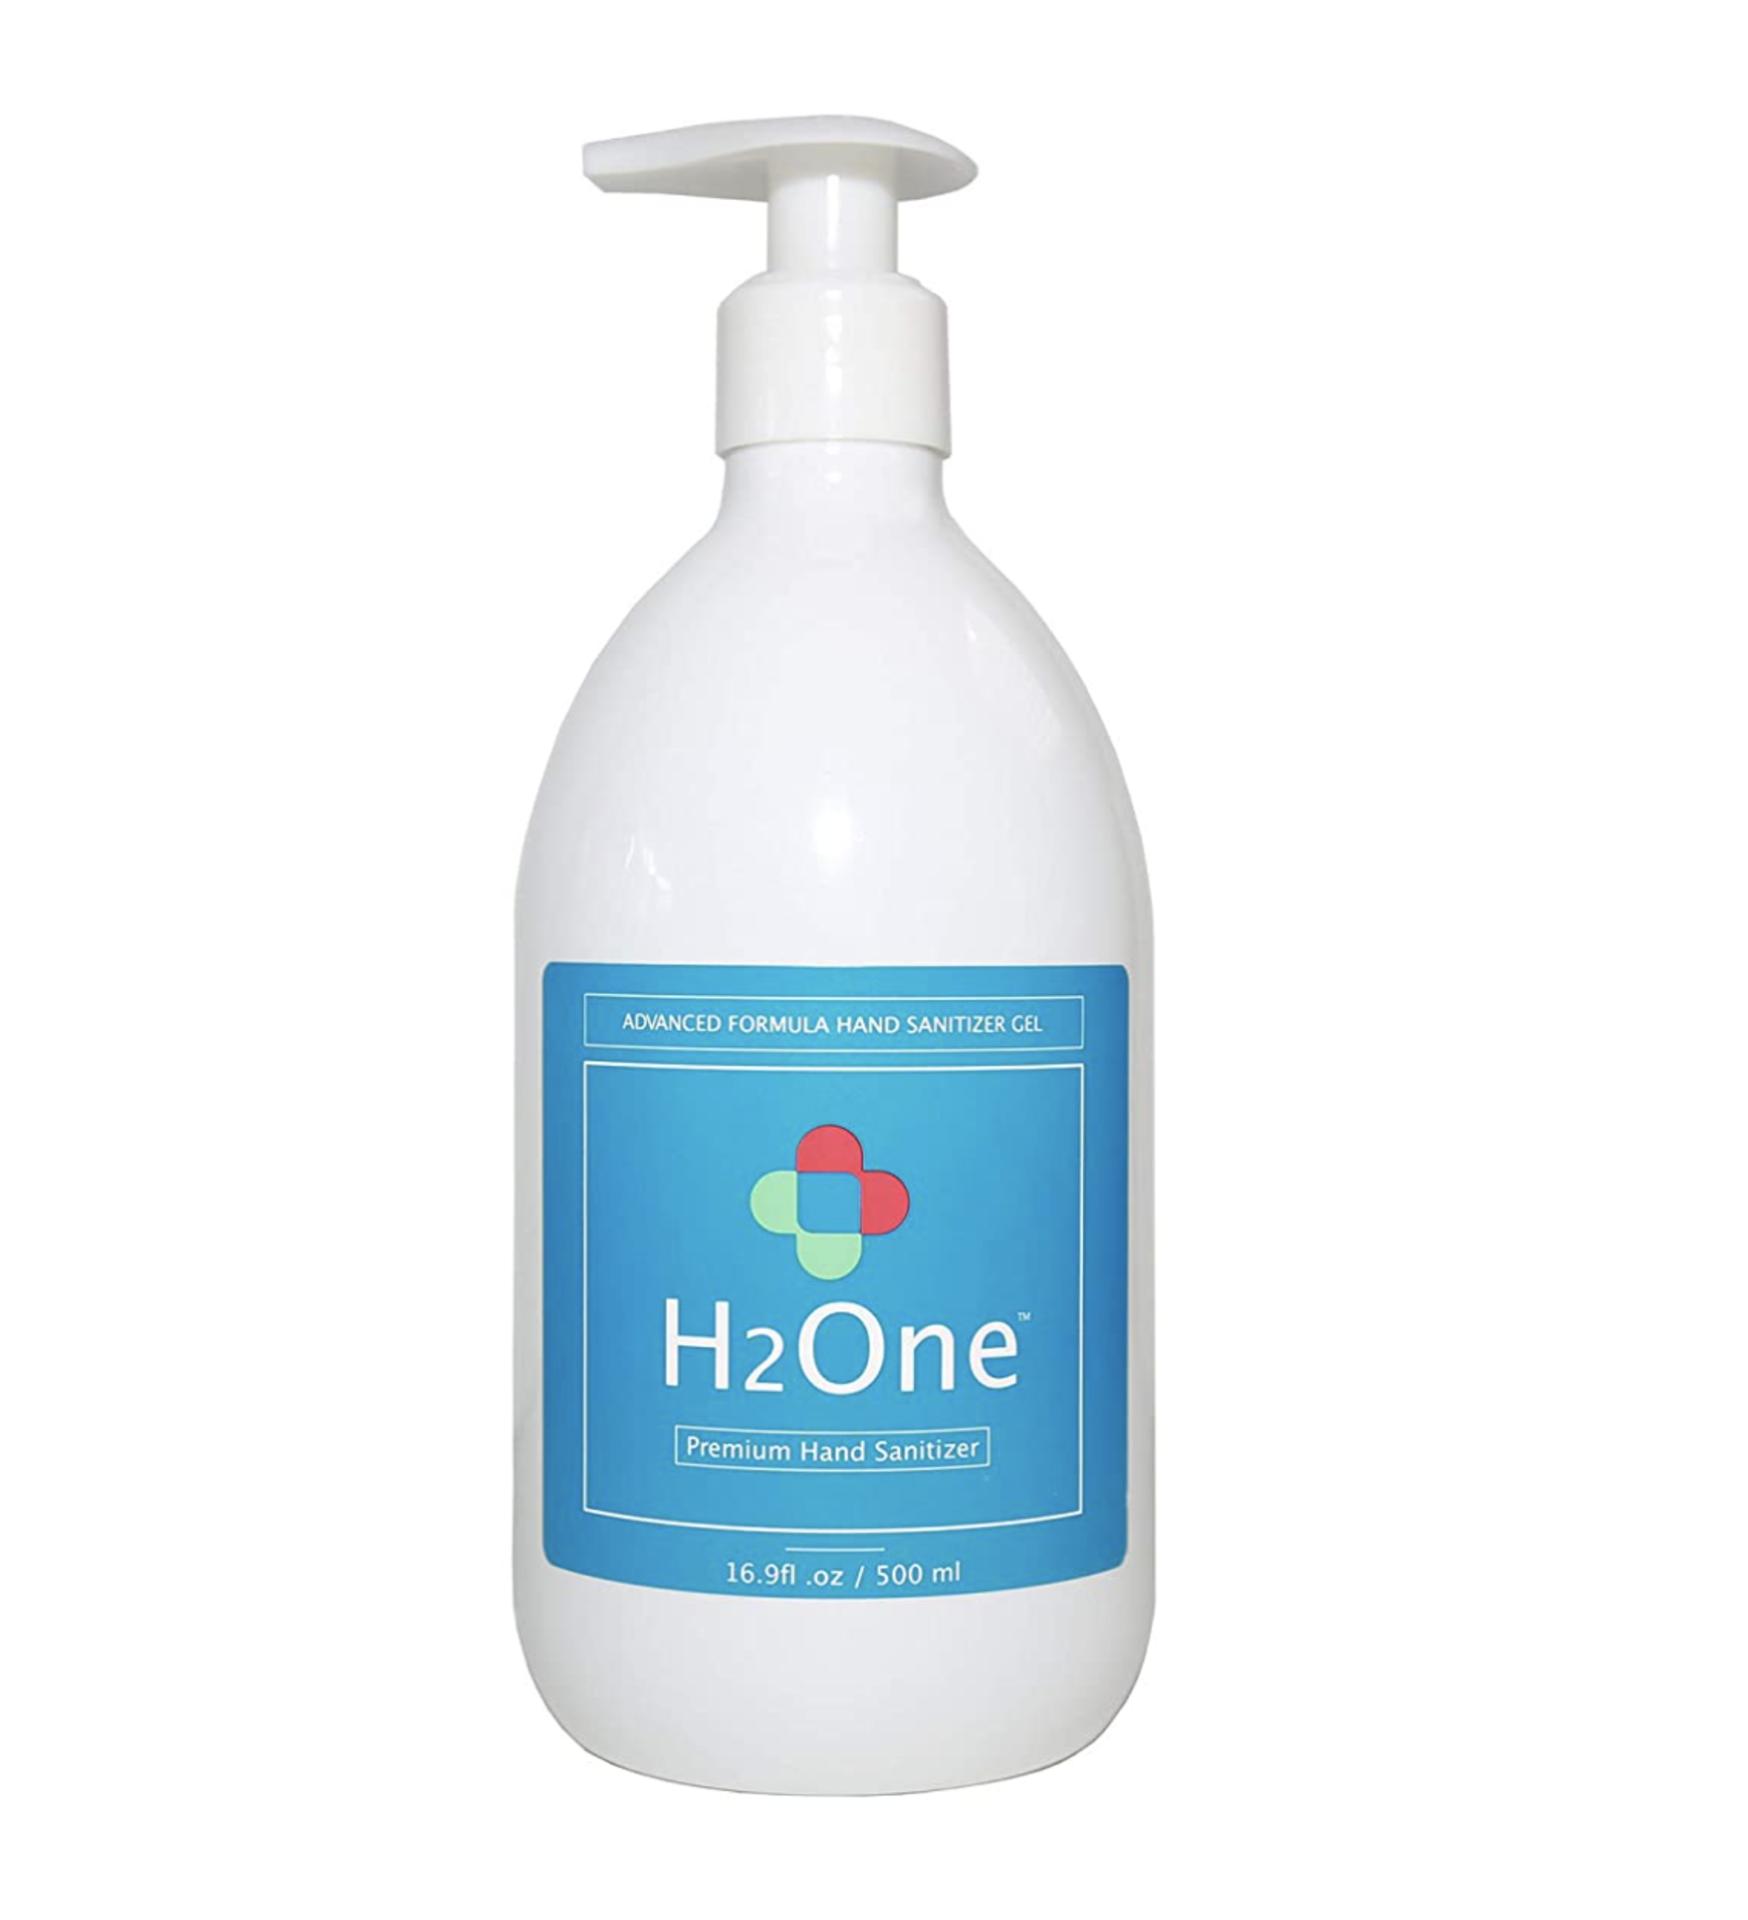 3,250 Bottles of H2One Pump Bottle Hand Sanitizer Gel, 500 ML, 16.9 OZ, 75% Alcohol Based (Ethanol)